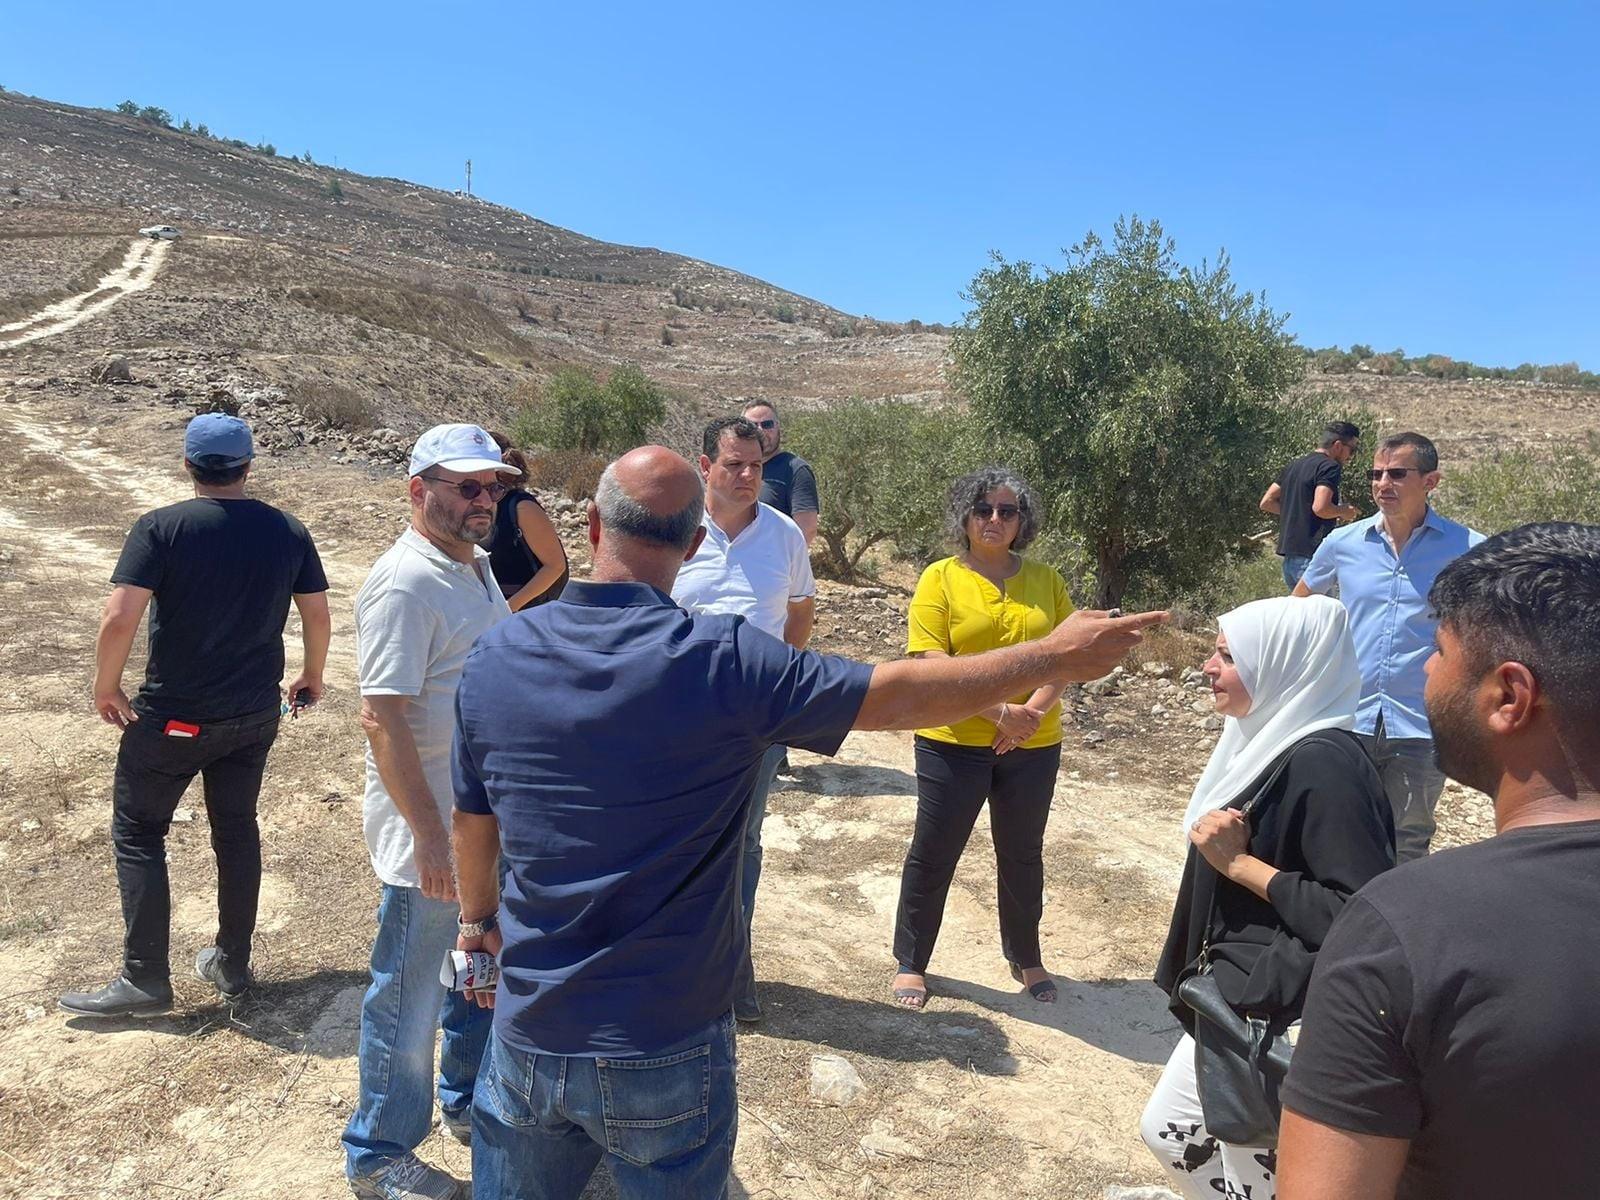 """ישראל מנשלת פלסטינים בכוח: חברי הכנסת של חד""""ש סיירו בכפרים בשטחים הכבושים"""